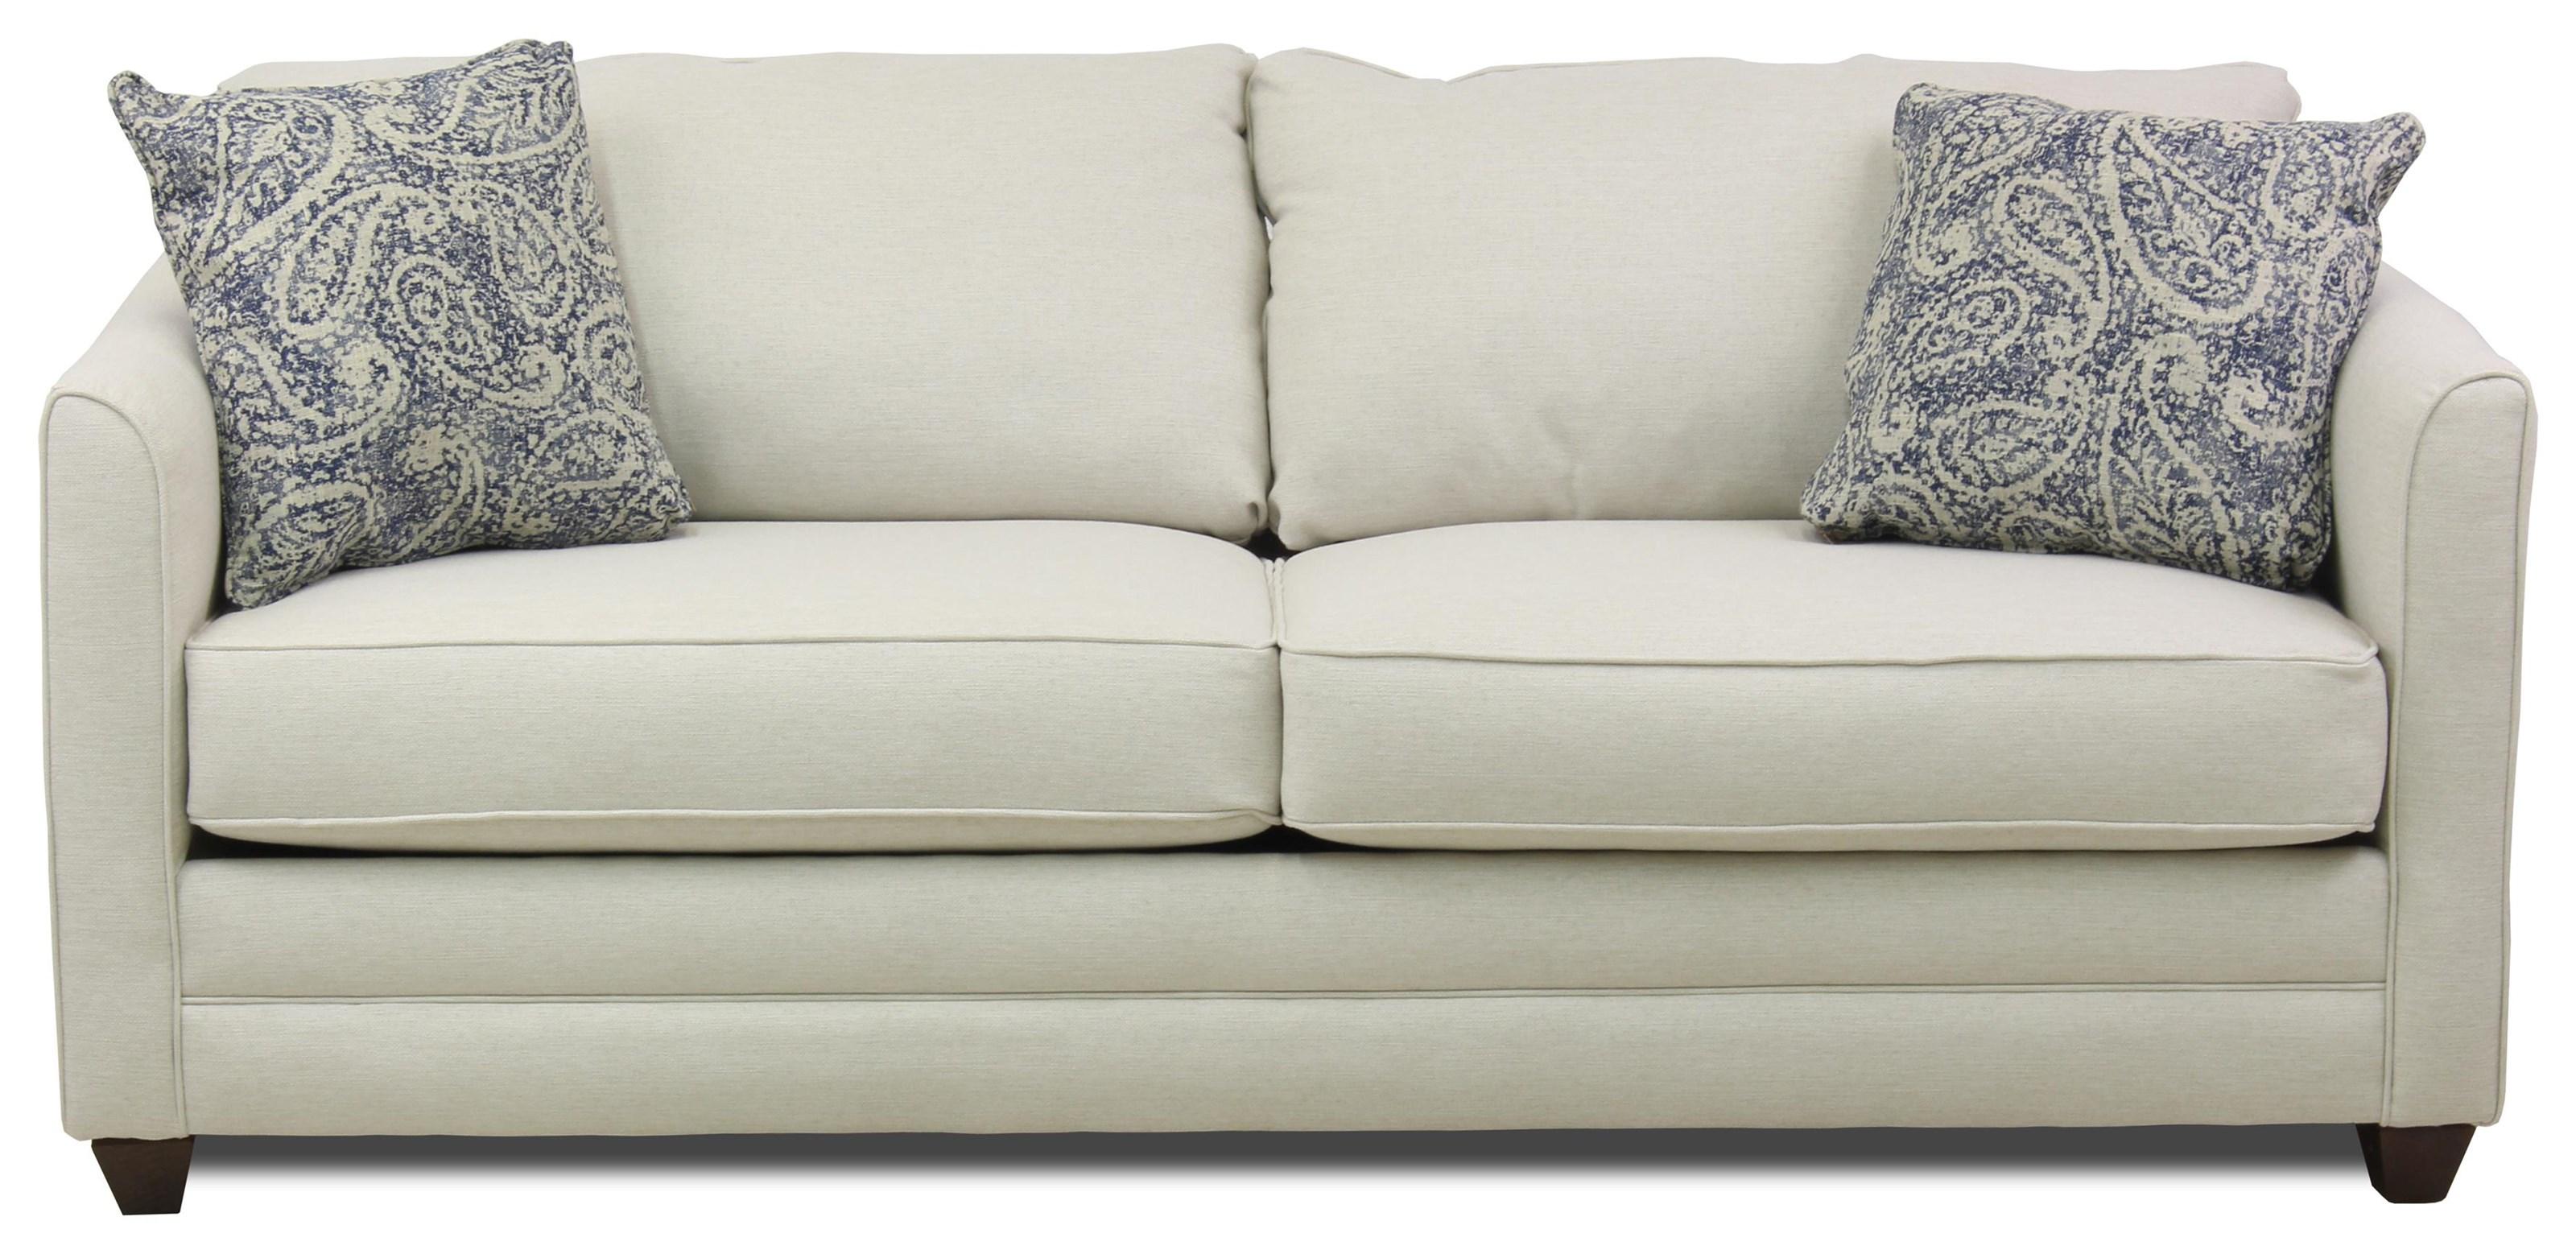 Tameron Queen Sleeper Sofa by Metropia at Ruby Gordon Home